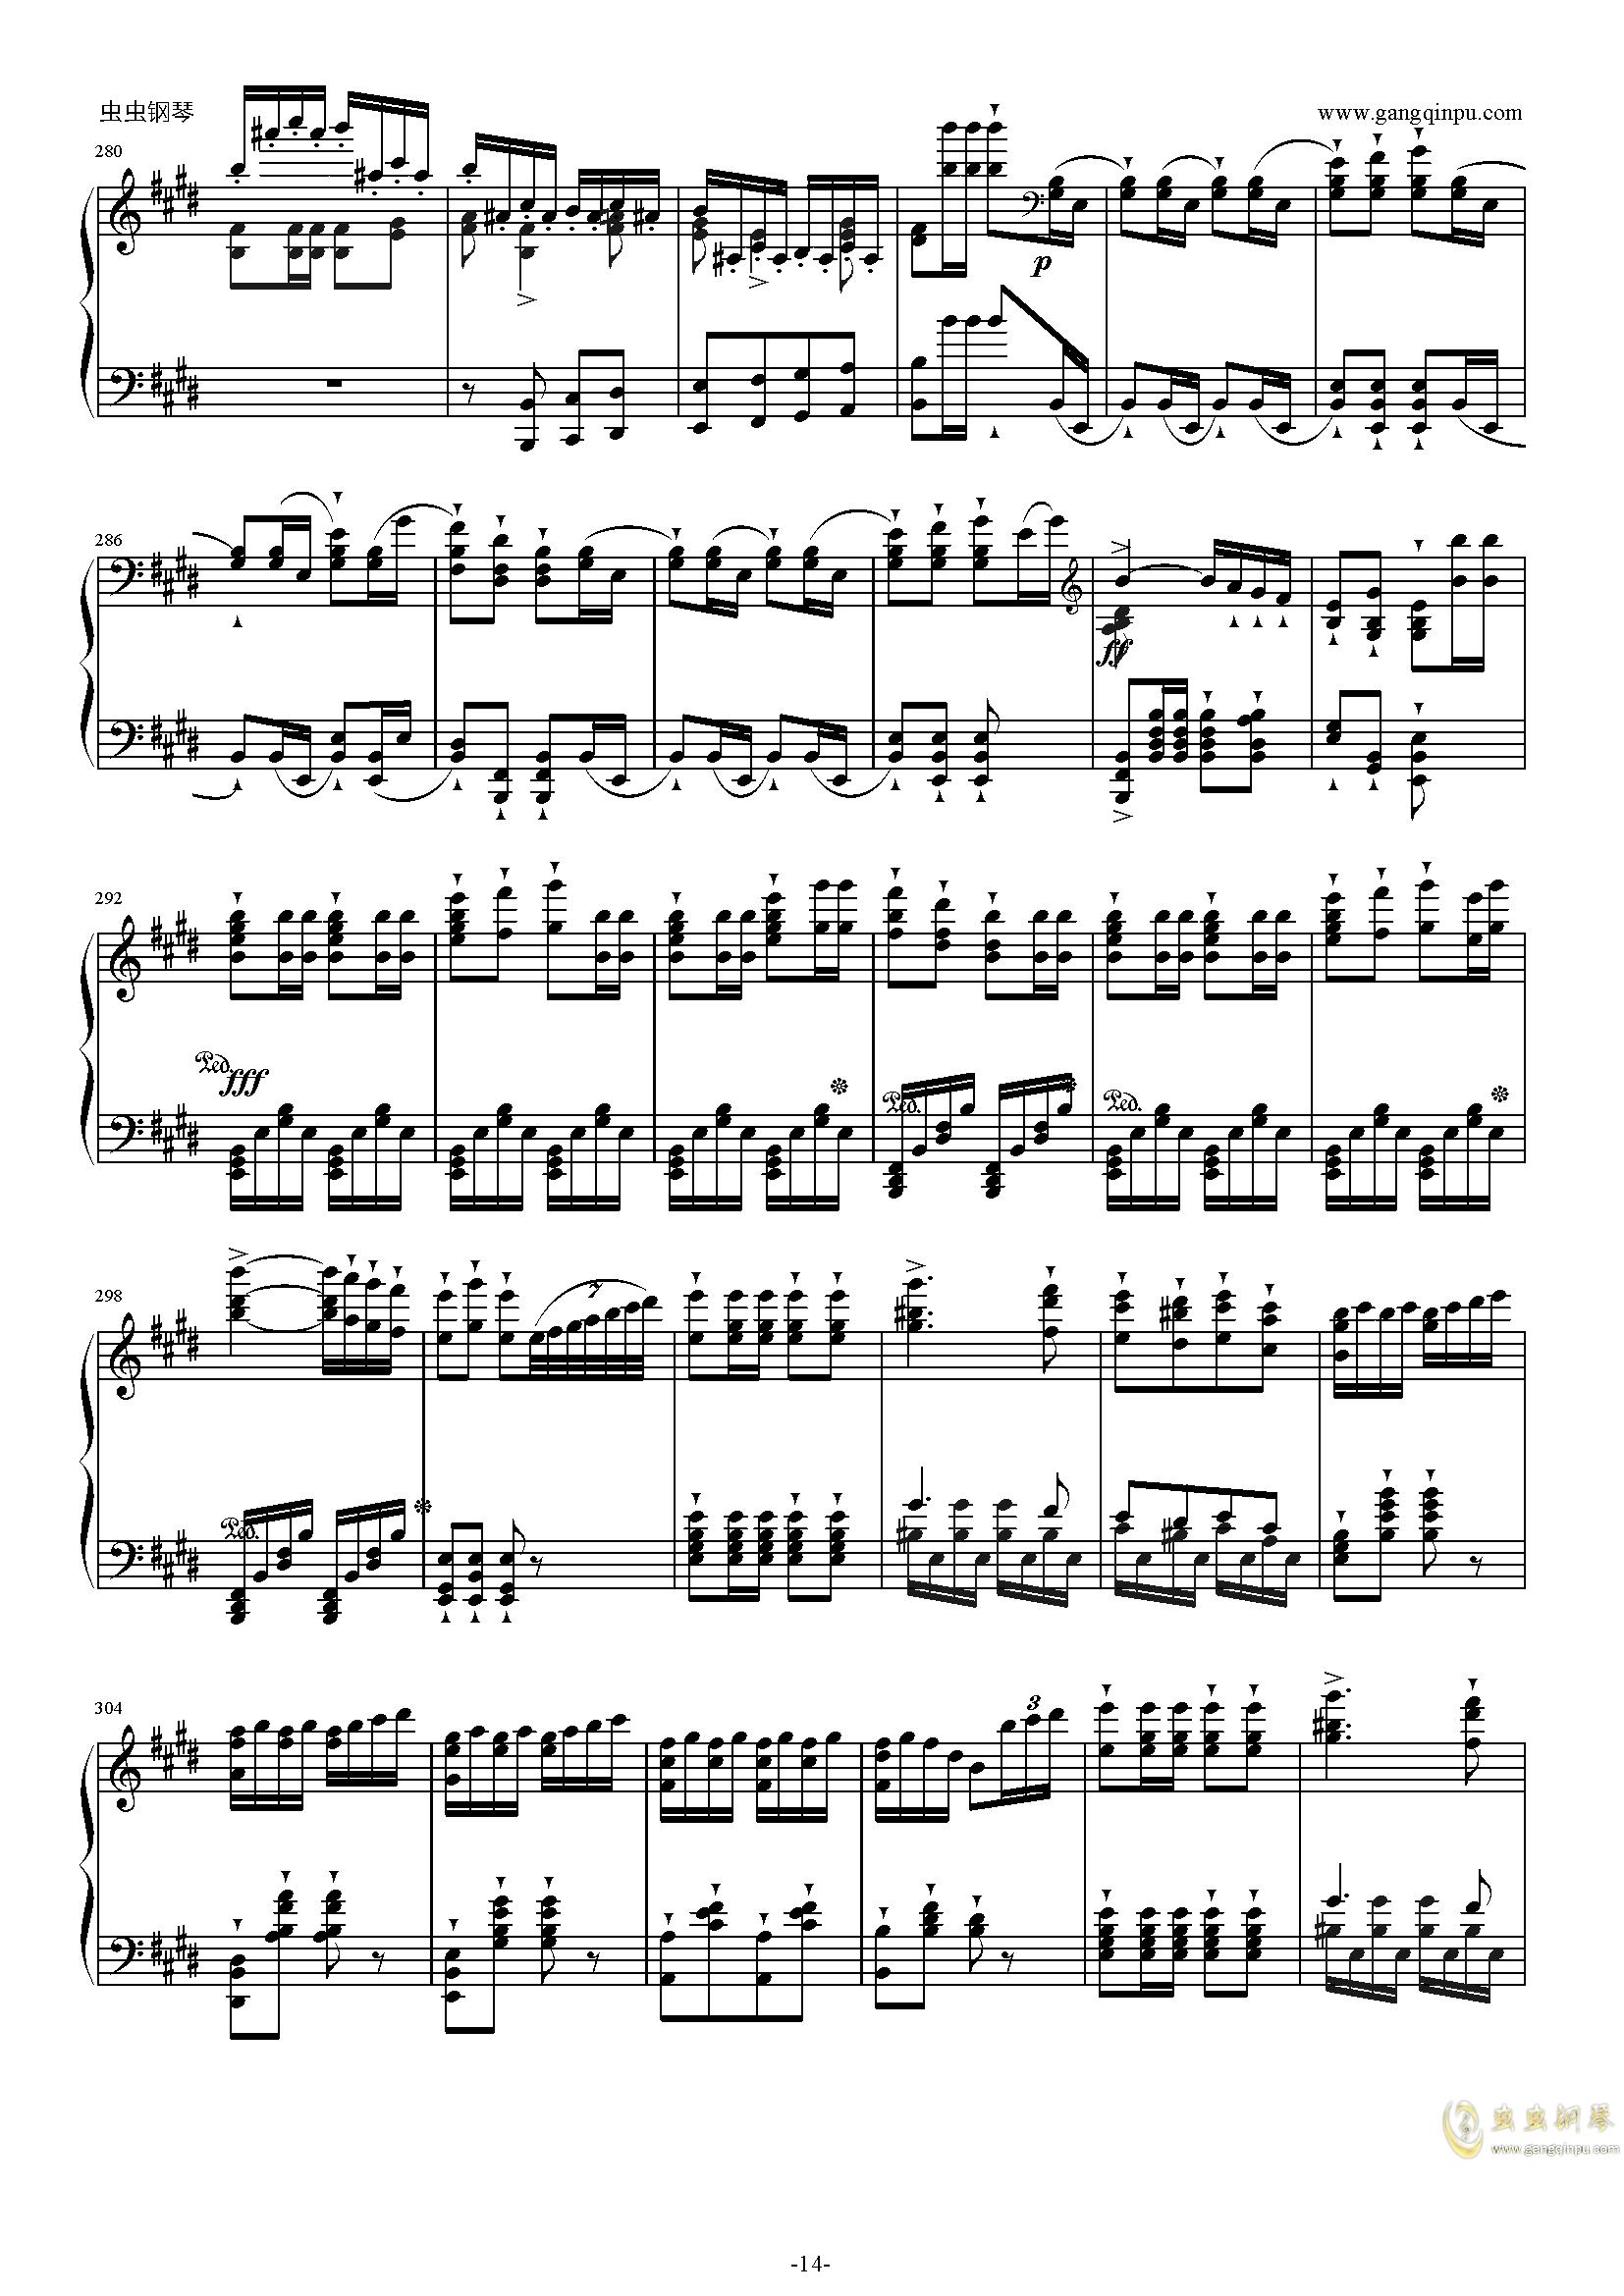 威廉・退尔序曲钢琴谱 第14页